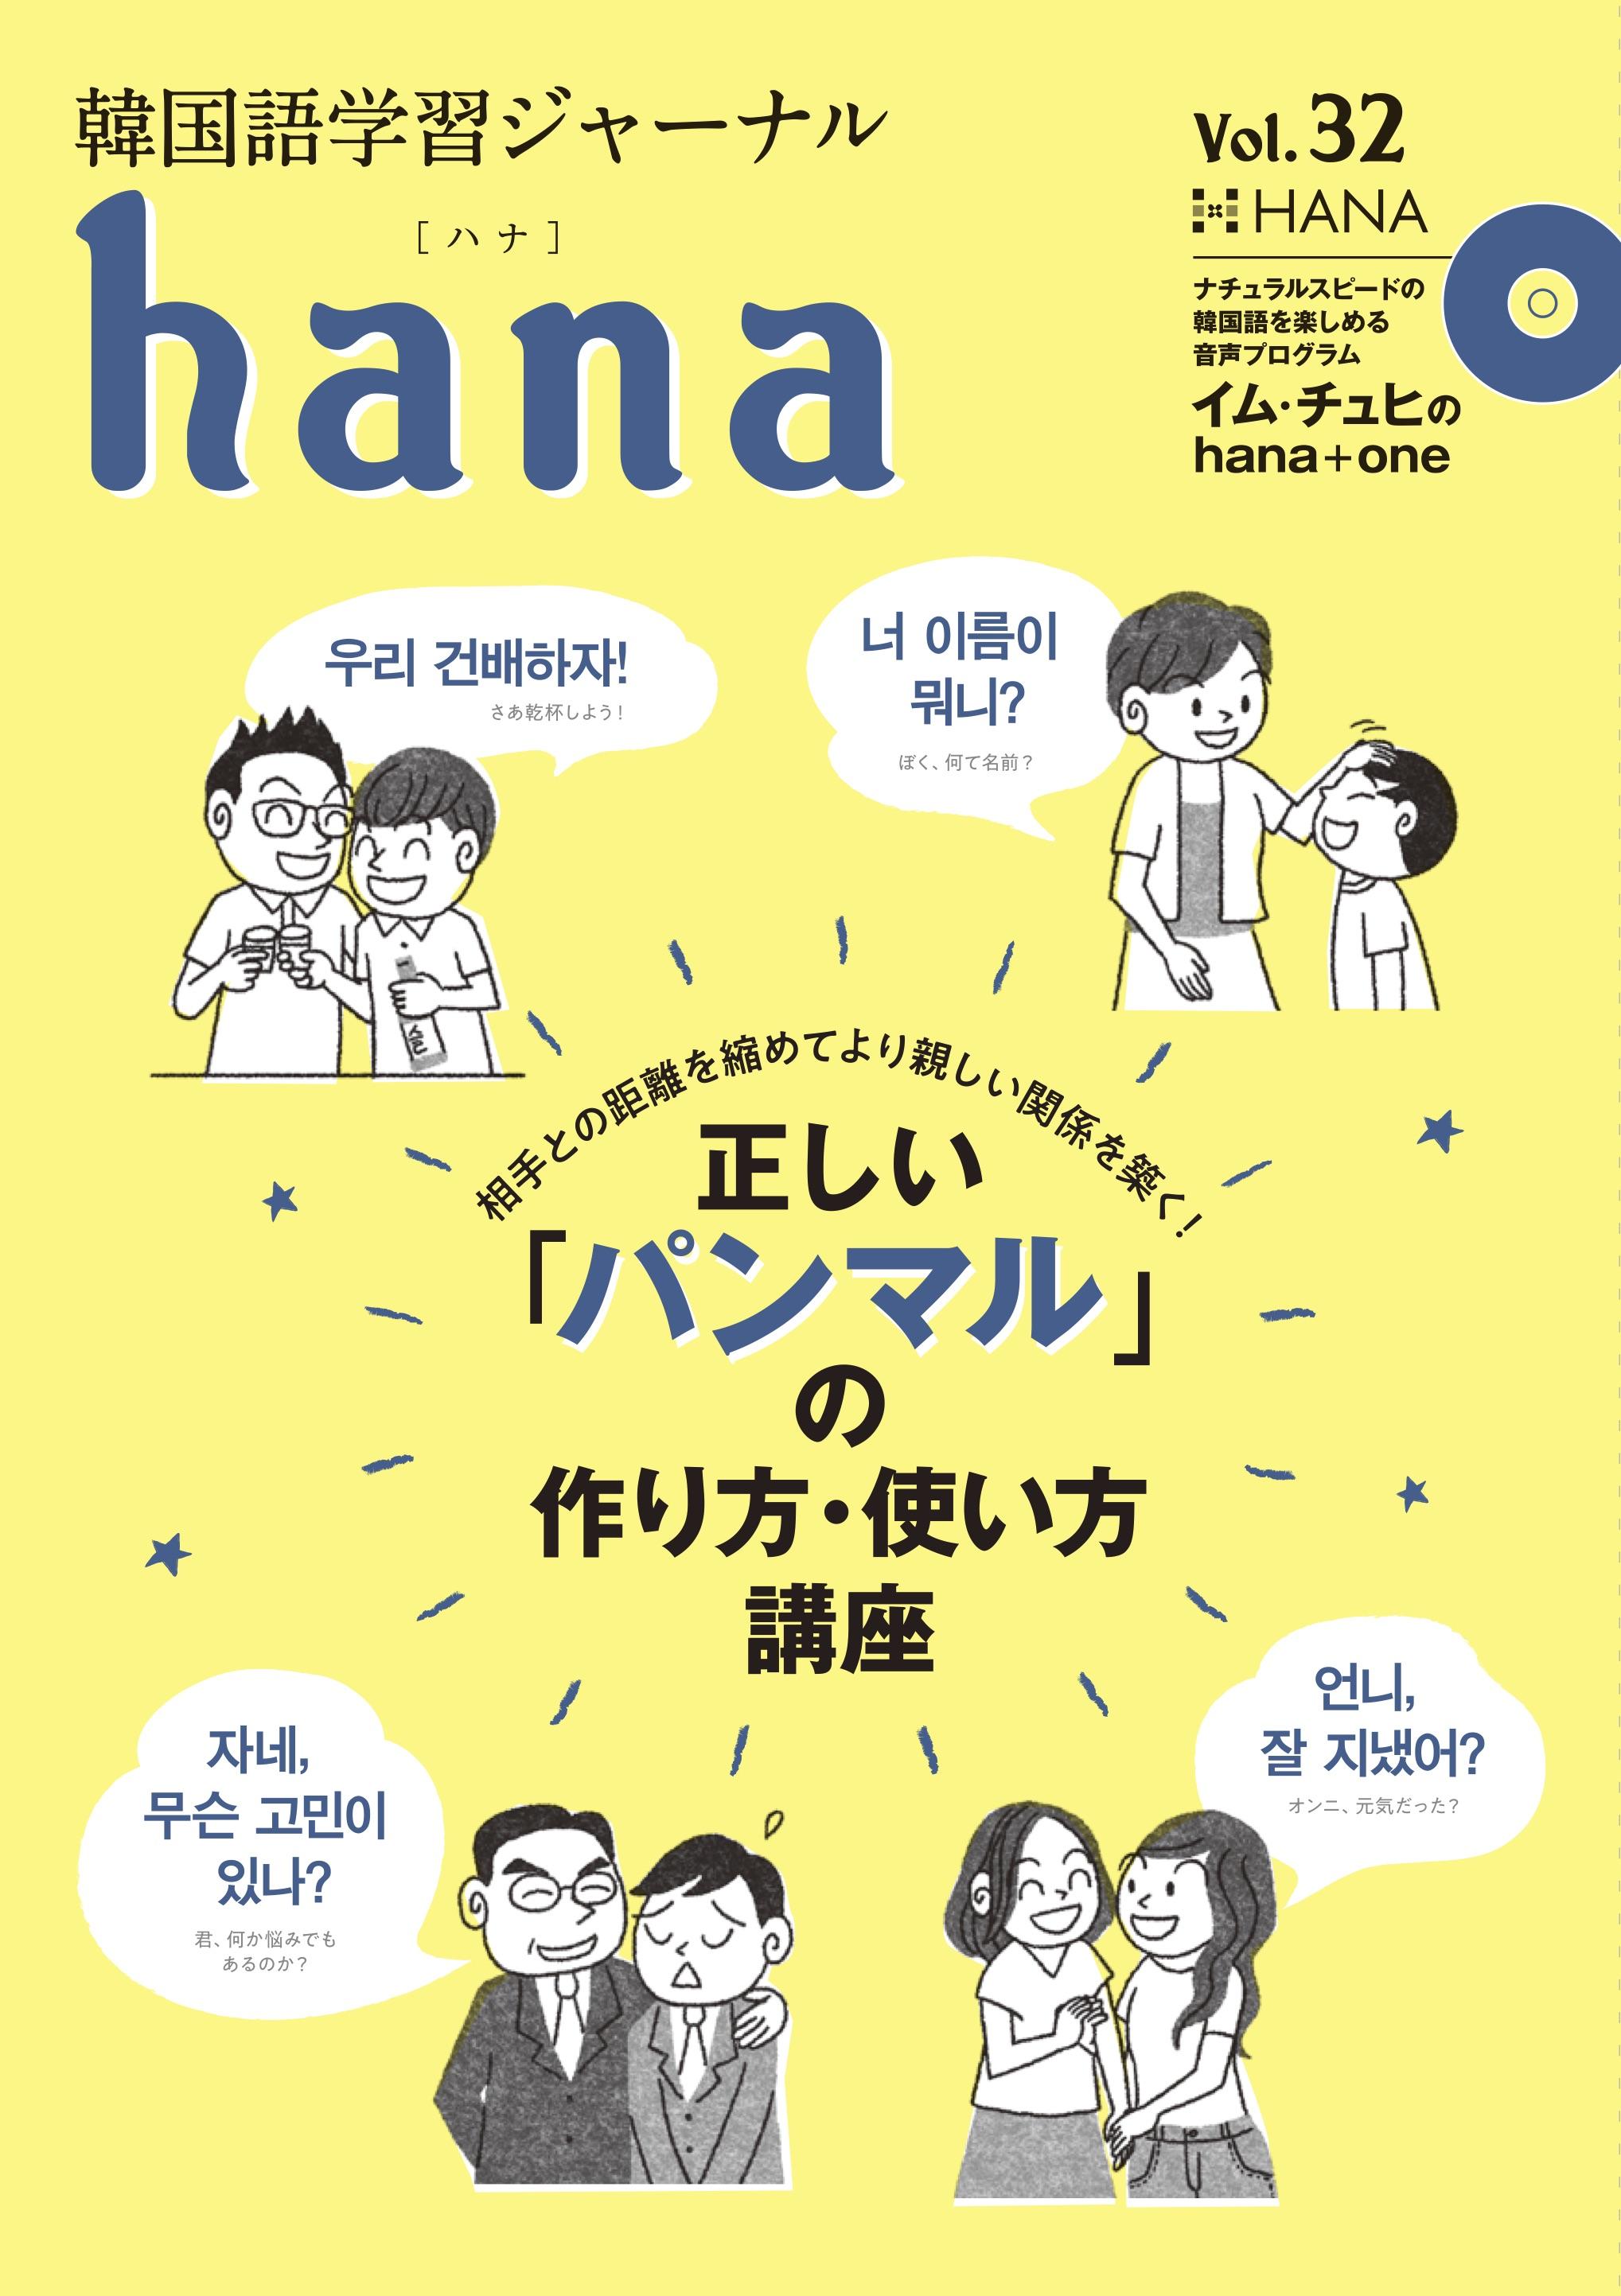 『韓国語学習ジャーナルhana Vol. 32』のイメージ